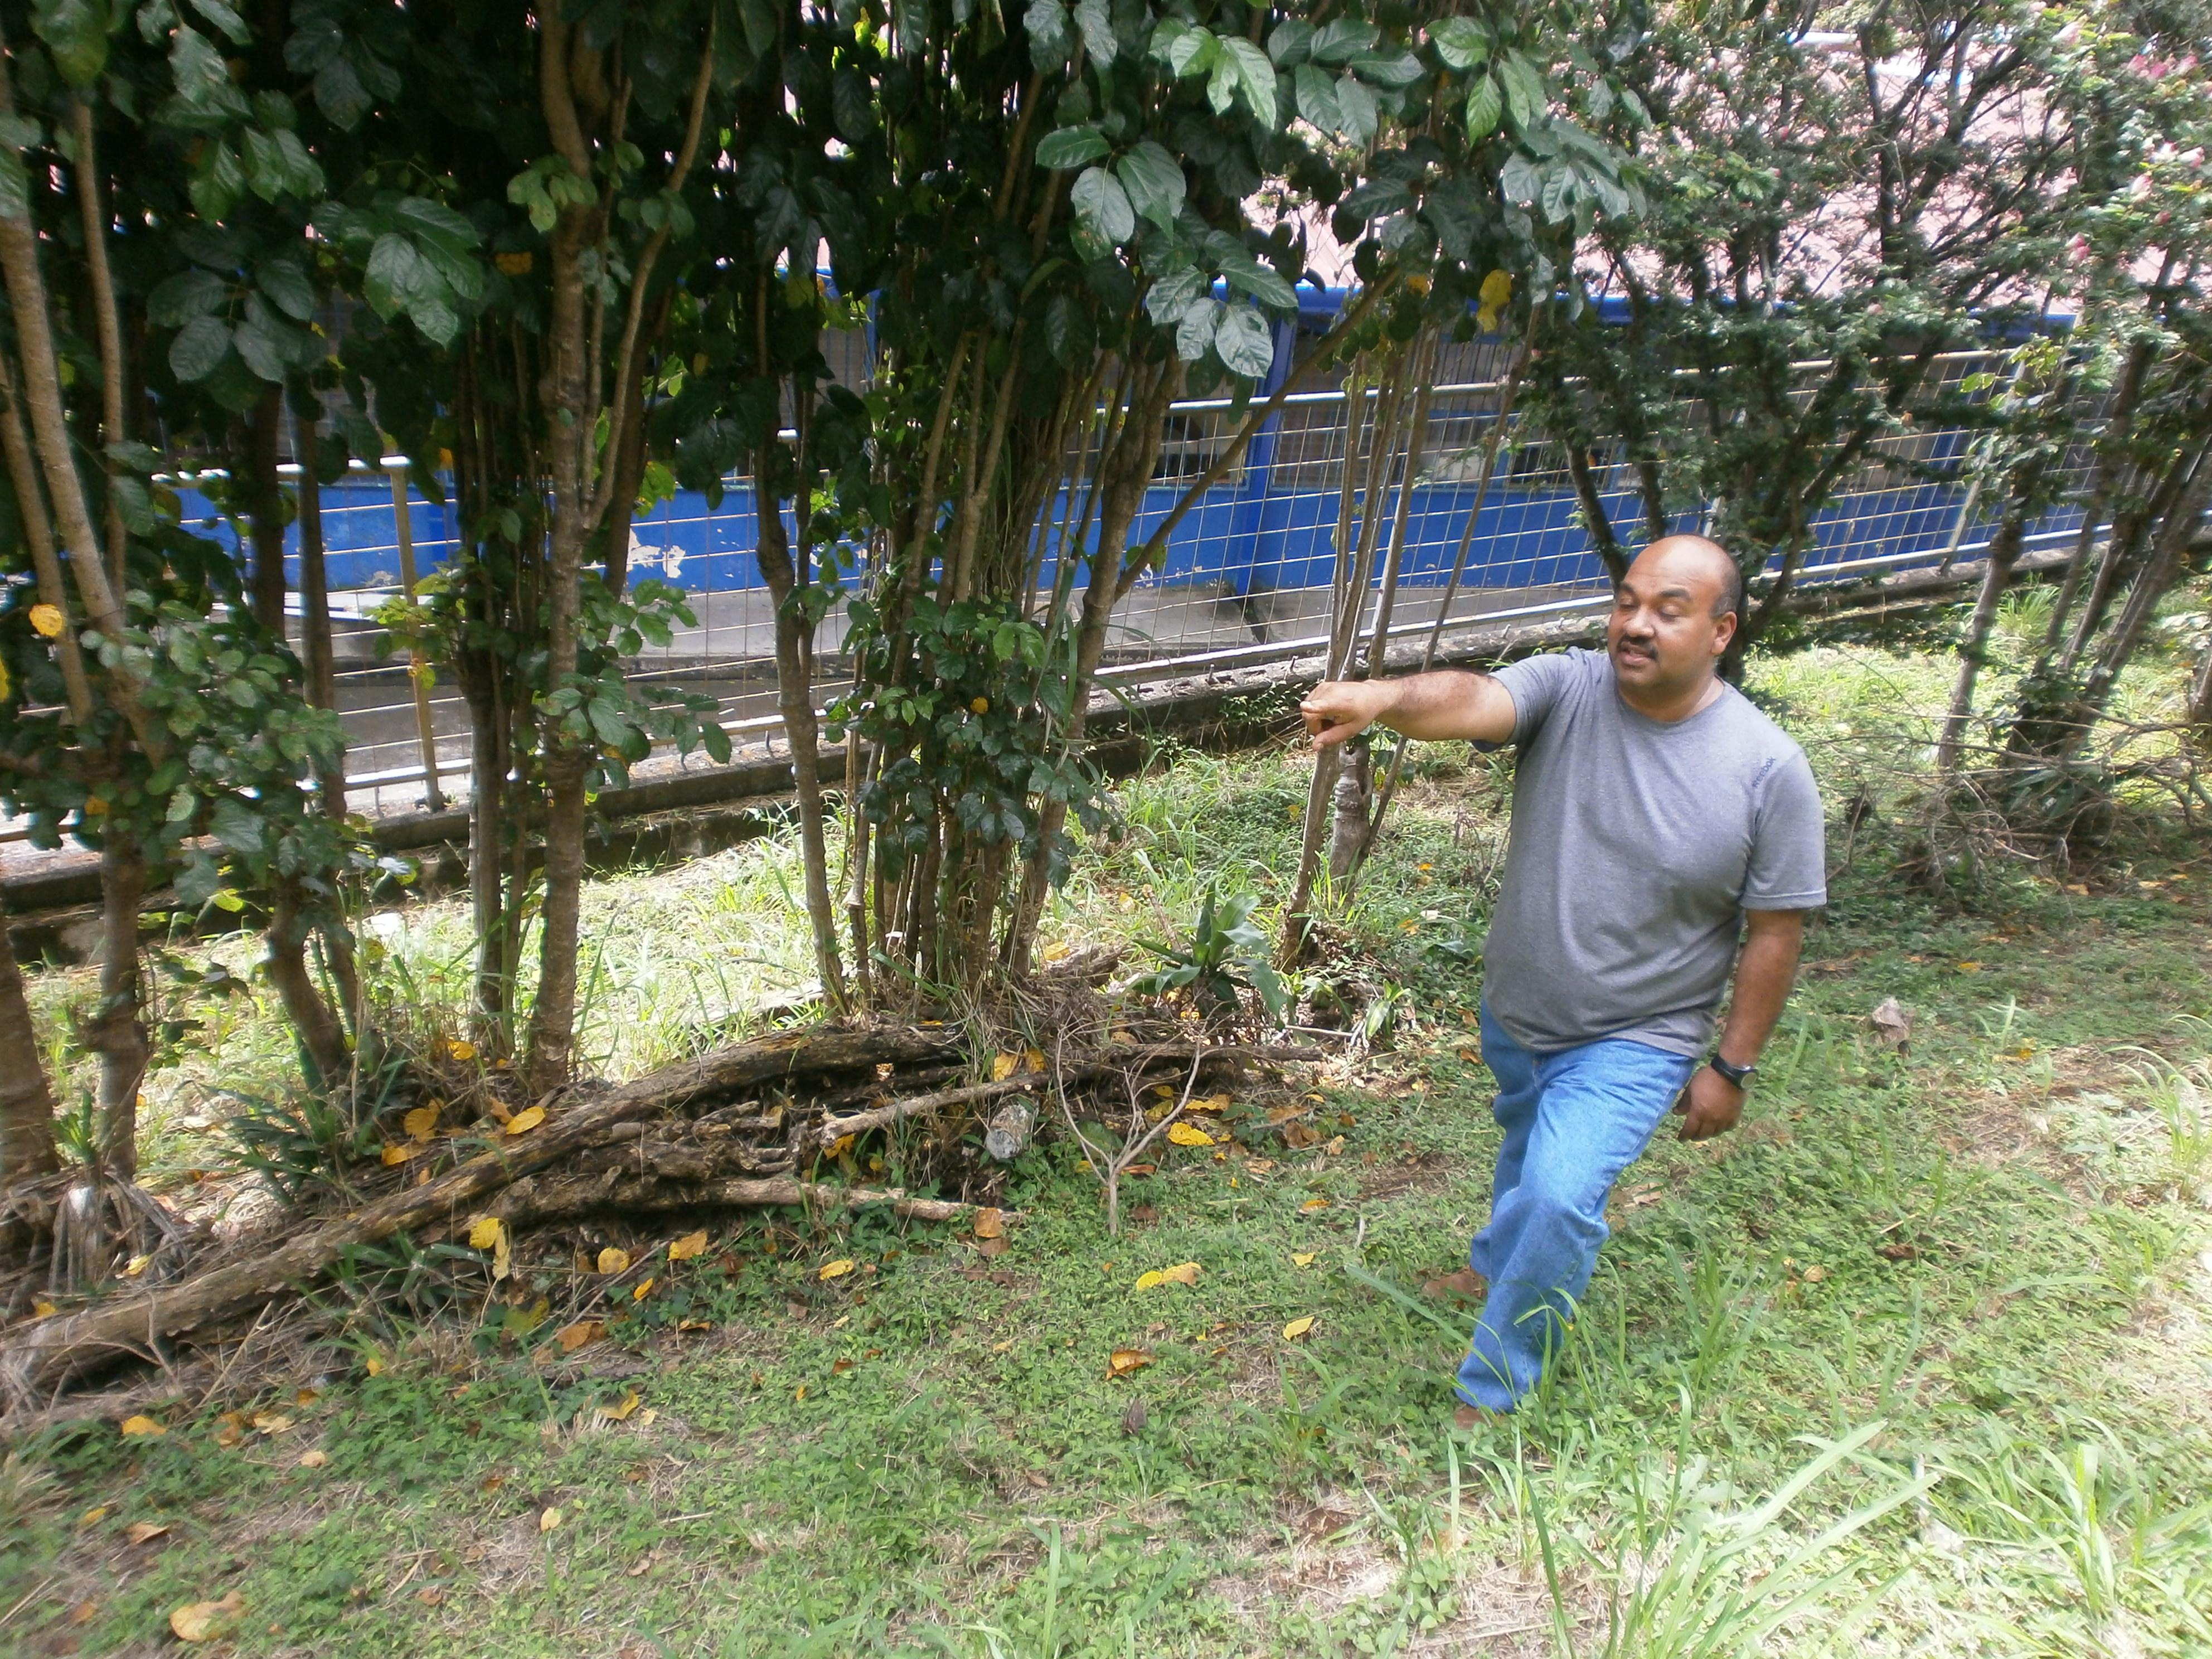 El profe Roberth Villafuerte enseñando la disposición de los árboles en el futuro Bosque Experimental Bonawa.